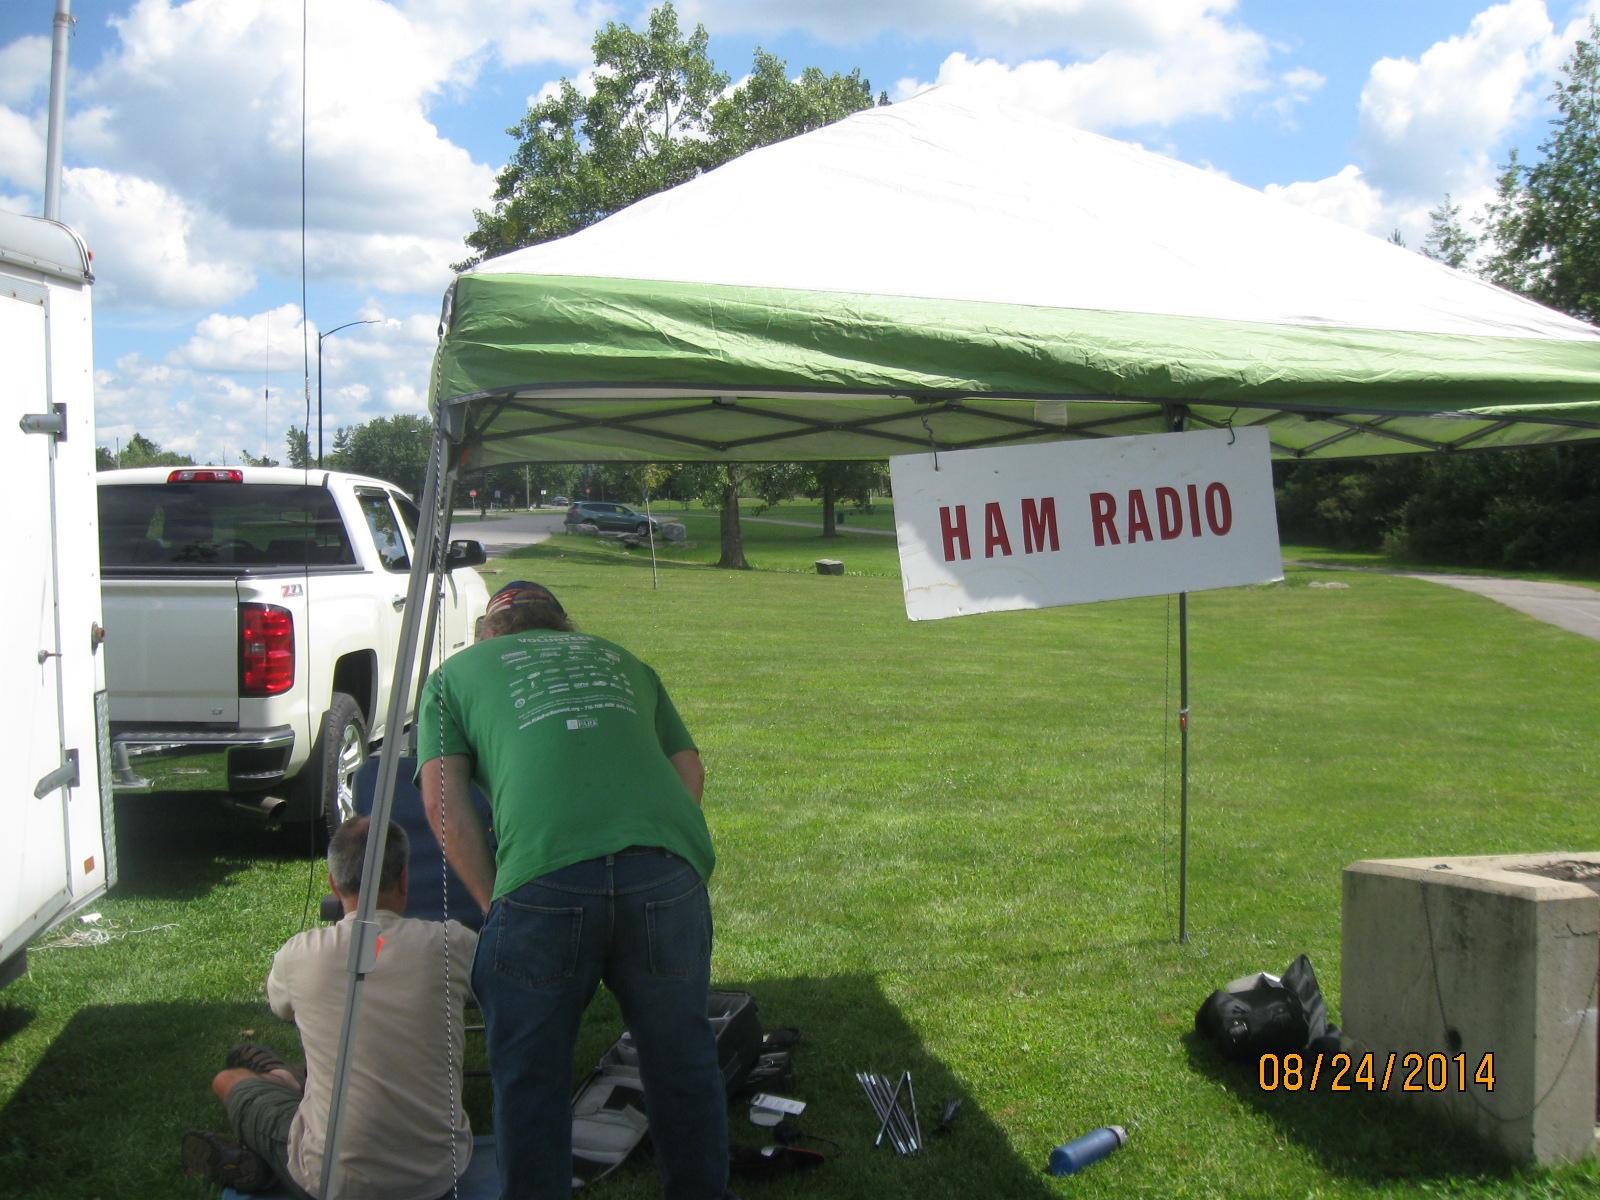 Lancaster amature radio club